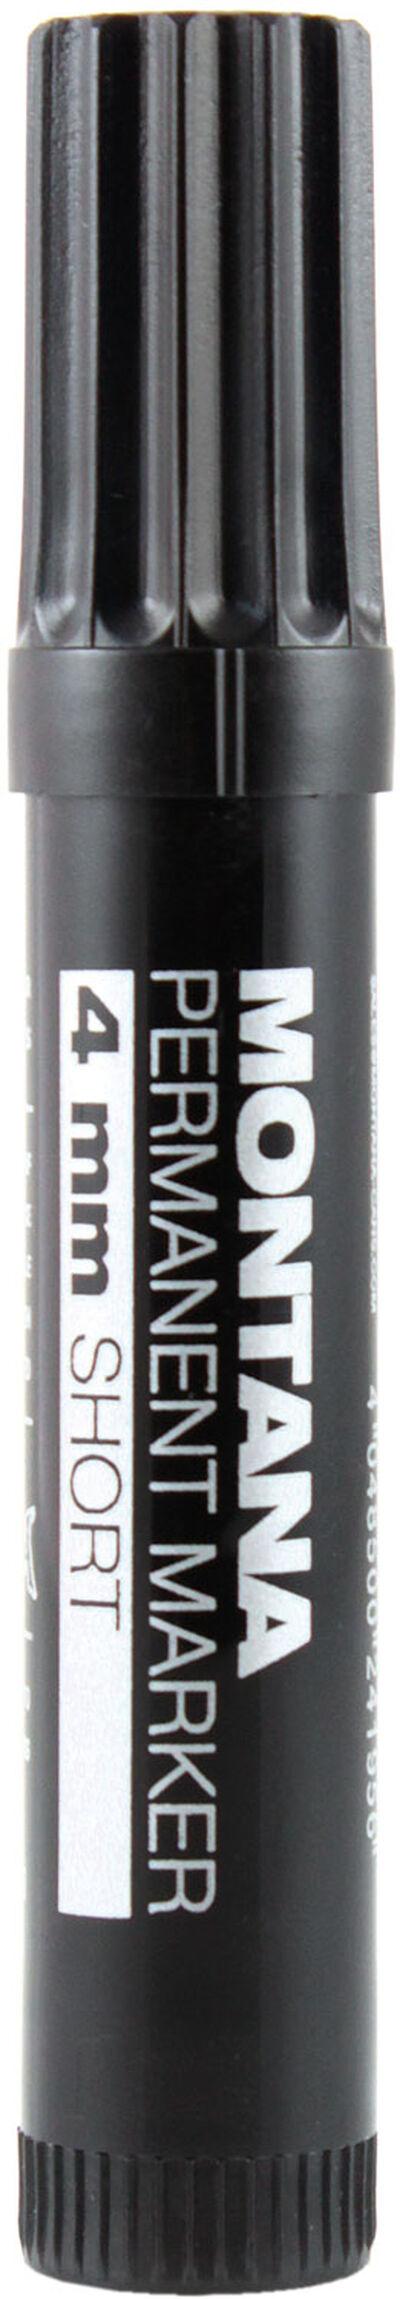 Permanent Short 4mm